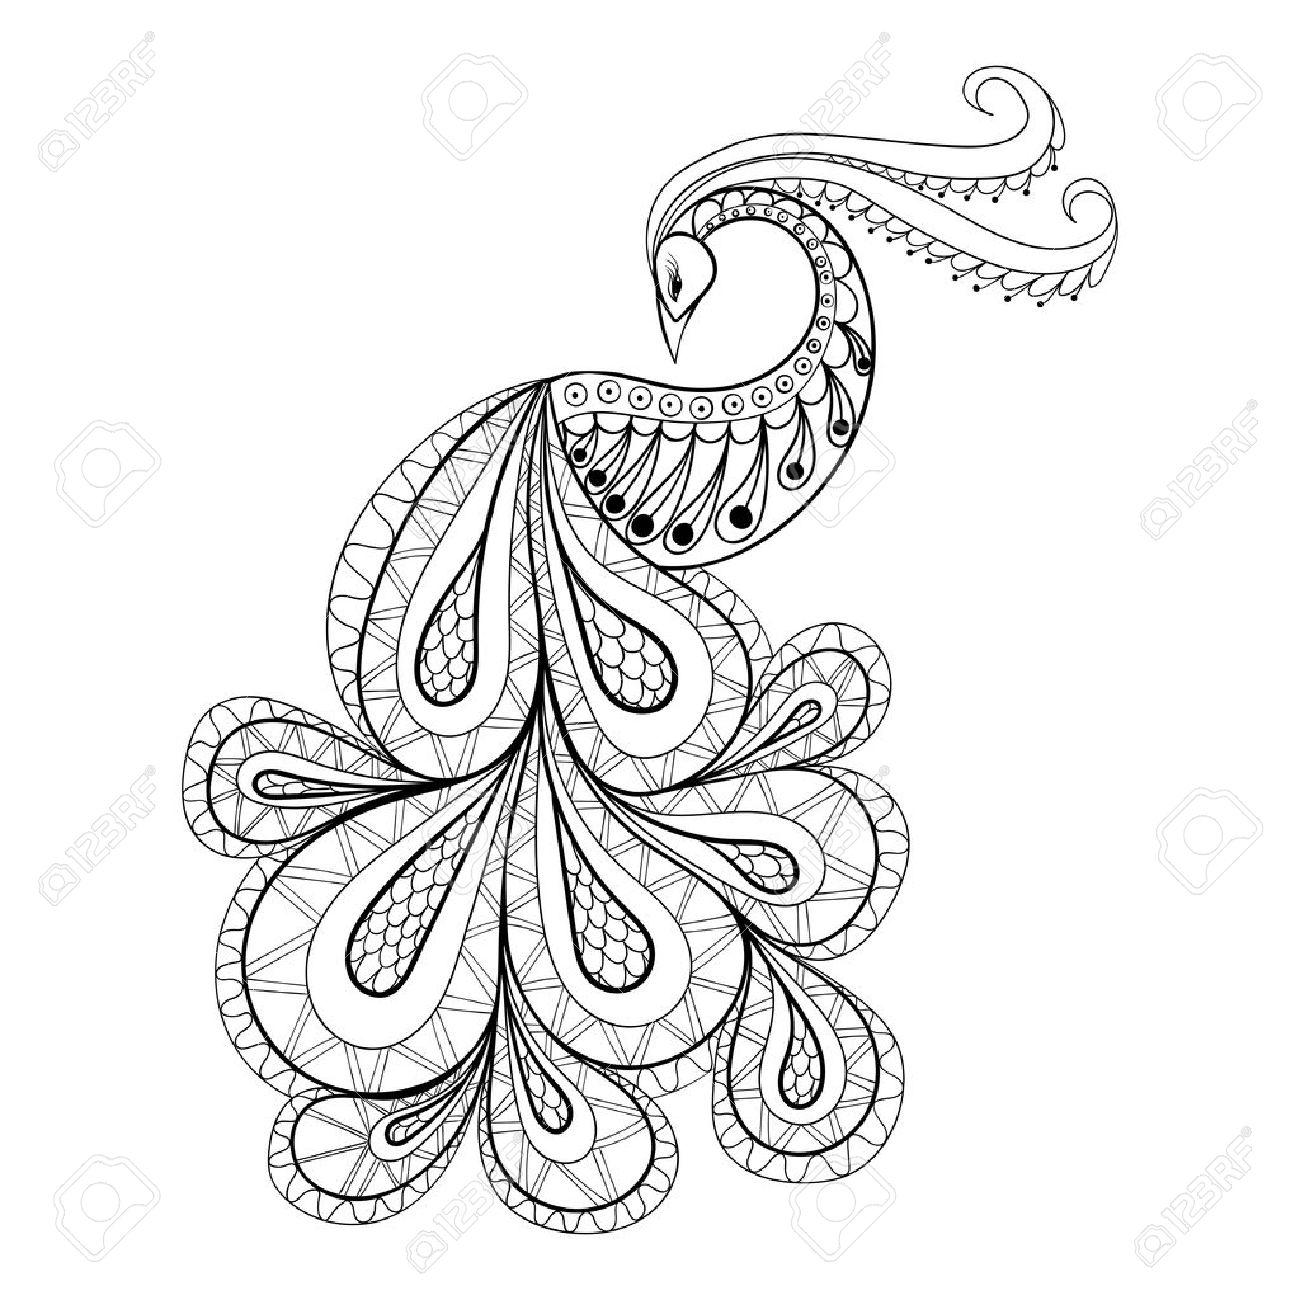 Mano Dibujado Pavo Real Para Colorear Antiestrés Con Detalles Altos Aislados Sobre Fondo Blanco Ilustración En Estilo Del Zentangle Ilustración